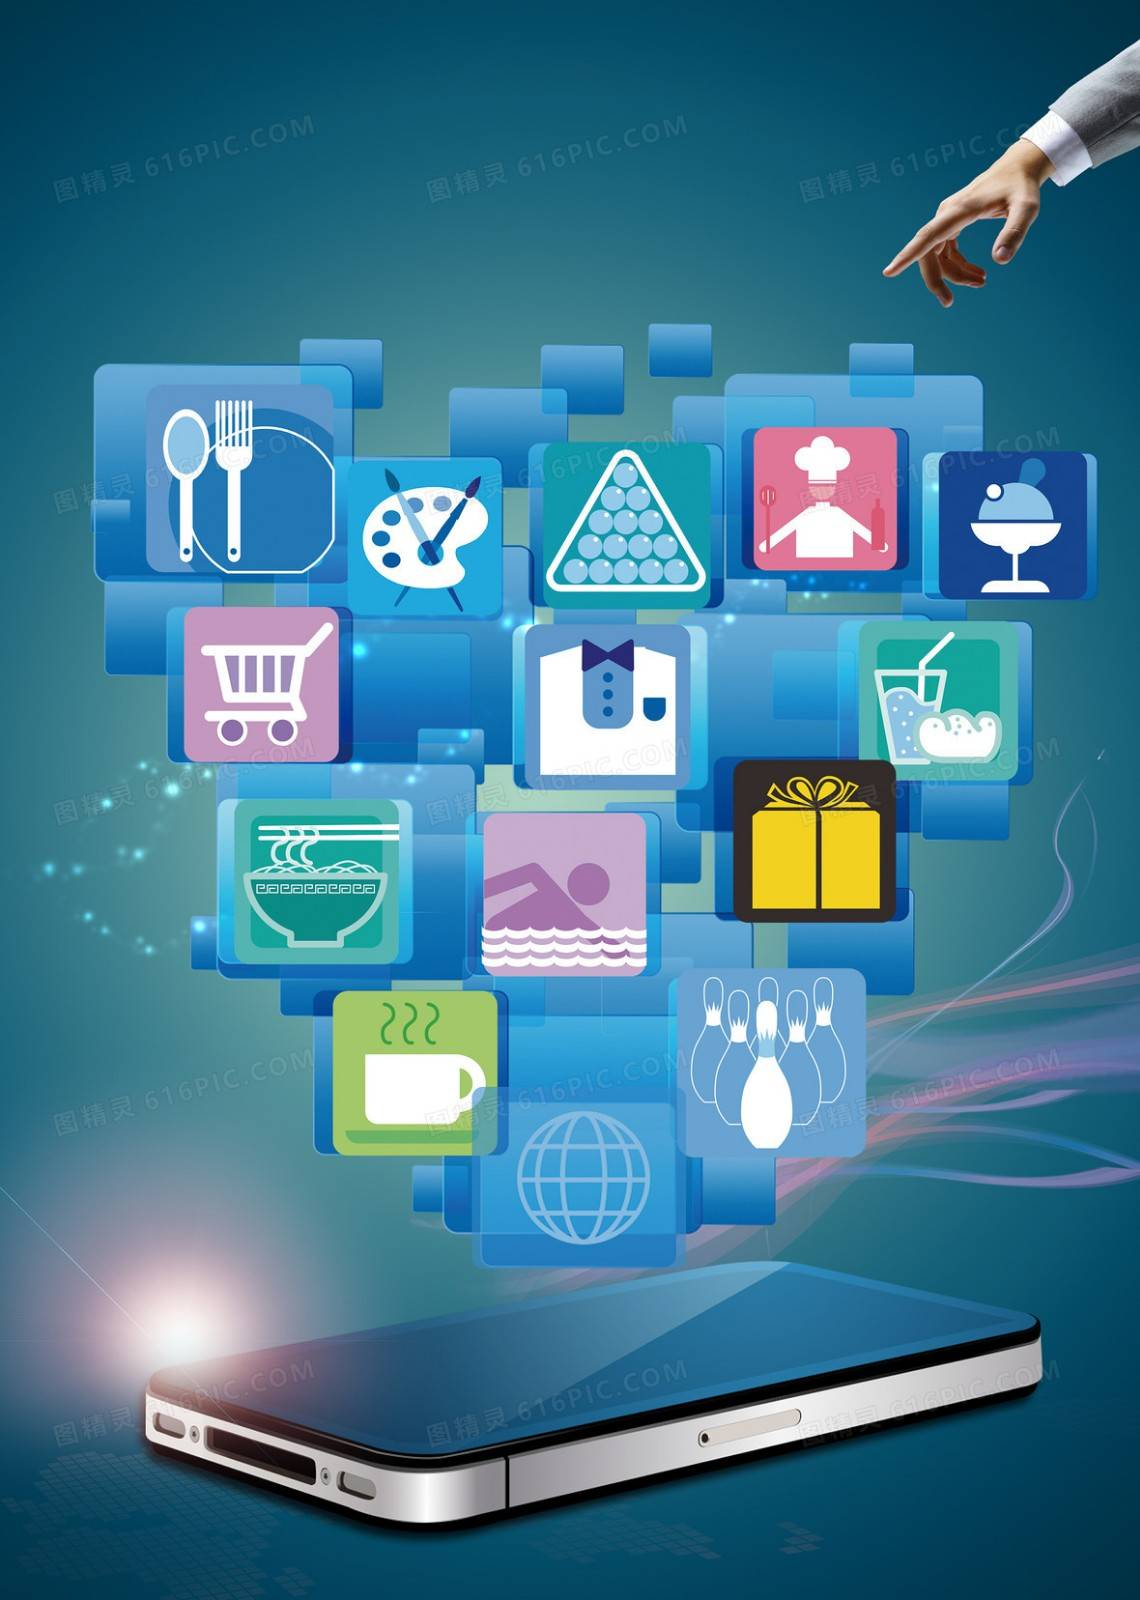 圆心科技|App推广方式有哪些